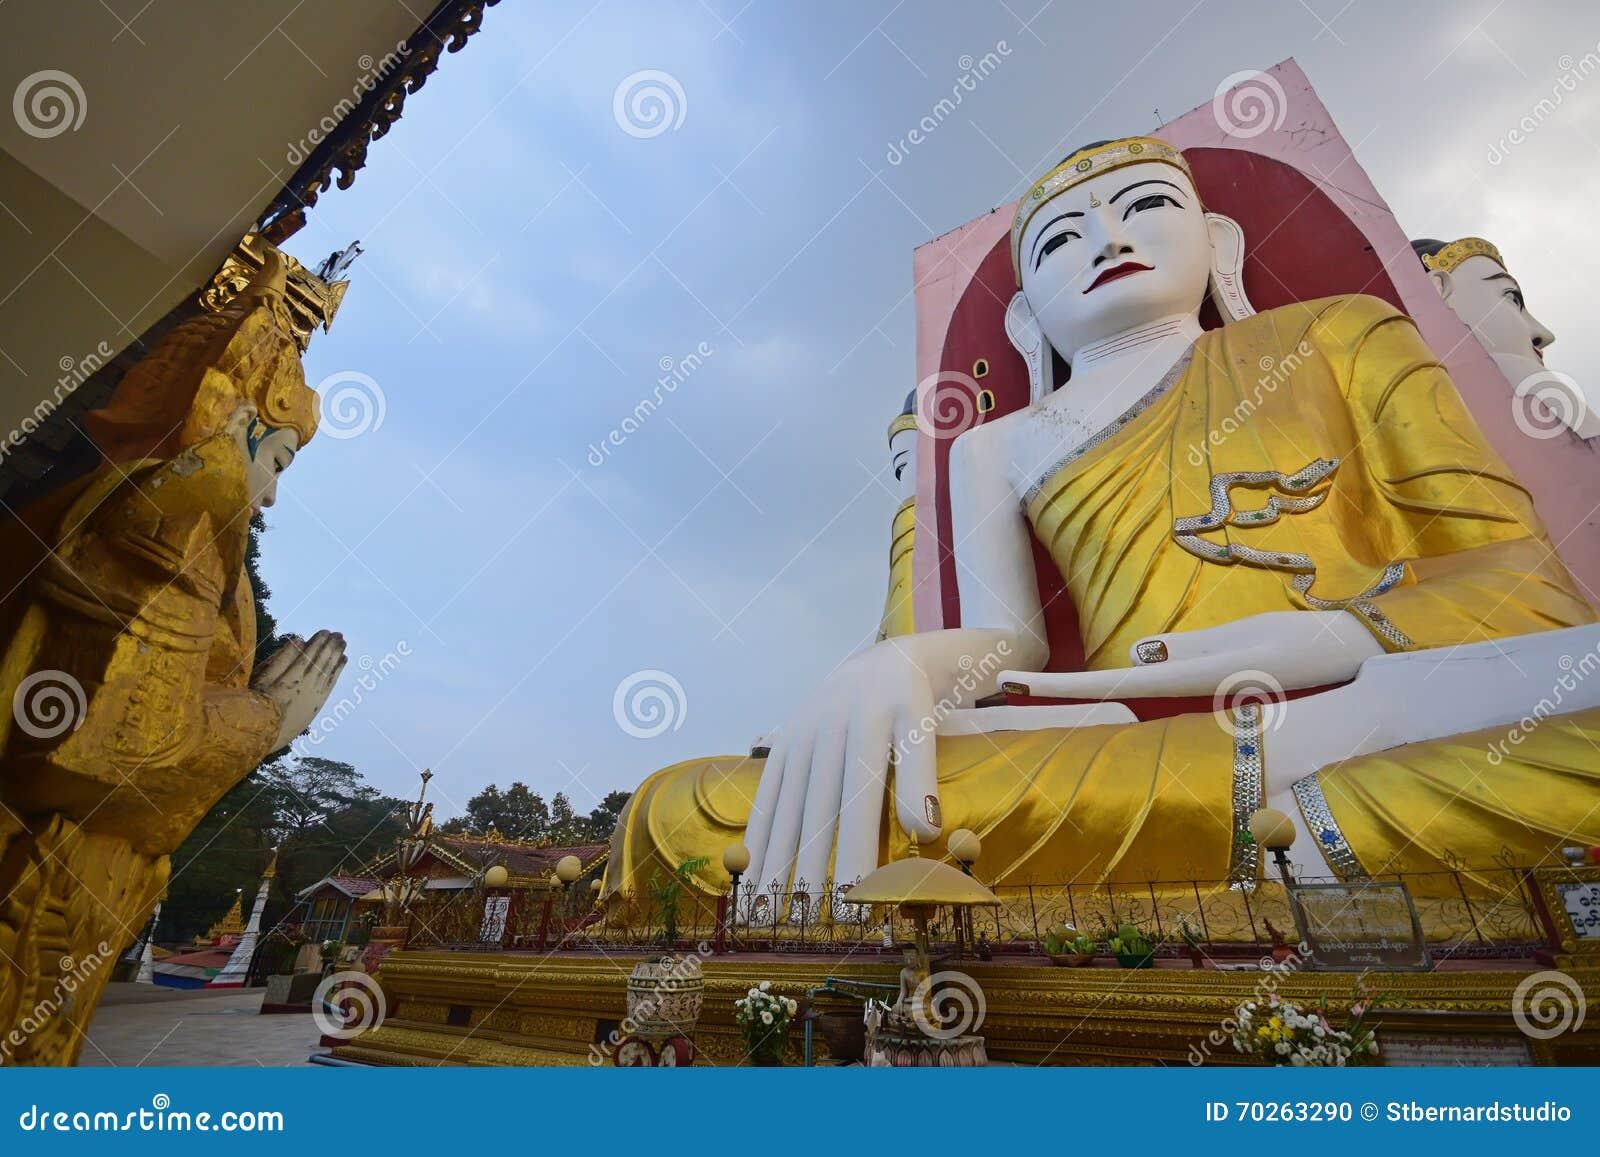 Buddha of Kyaik Pun Pagoda Bago meditating with roof on the left